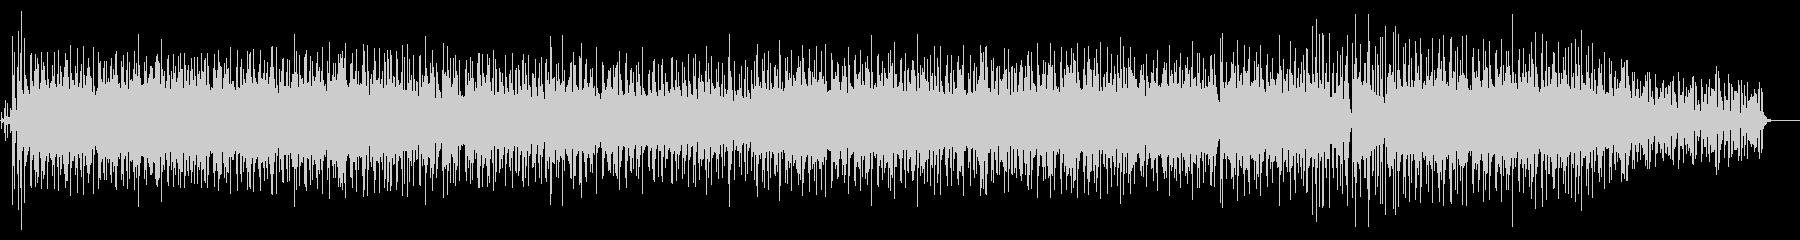 アップテンポのジャズミュージックの未再生の波形